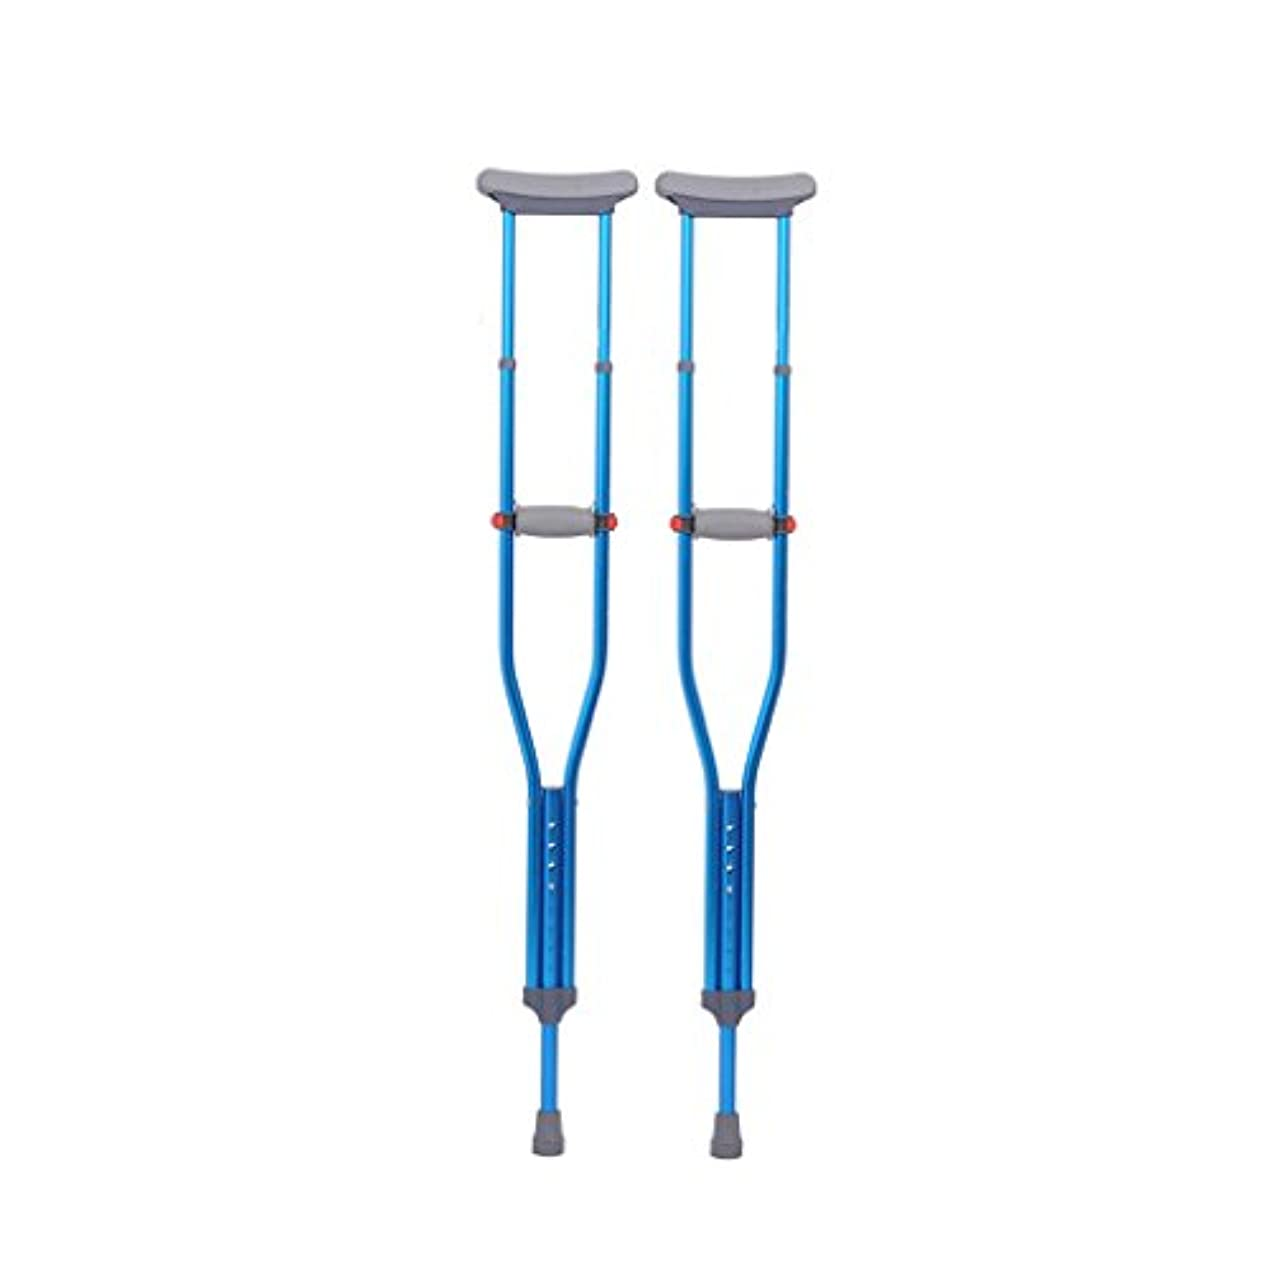 リーク少ない請求脇の下のアルミ合金の調節可能な高さおよび大人の杖の赤い点の斧の松葉杖(成人)